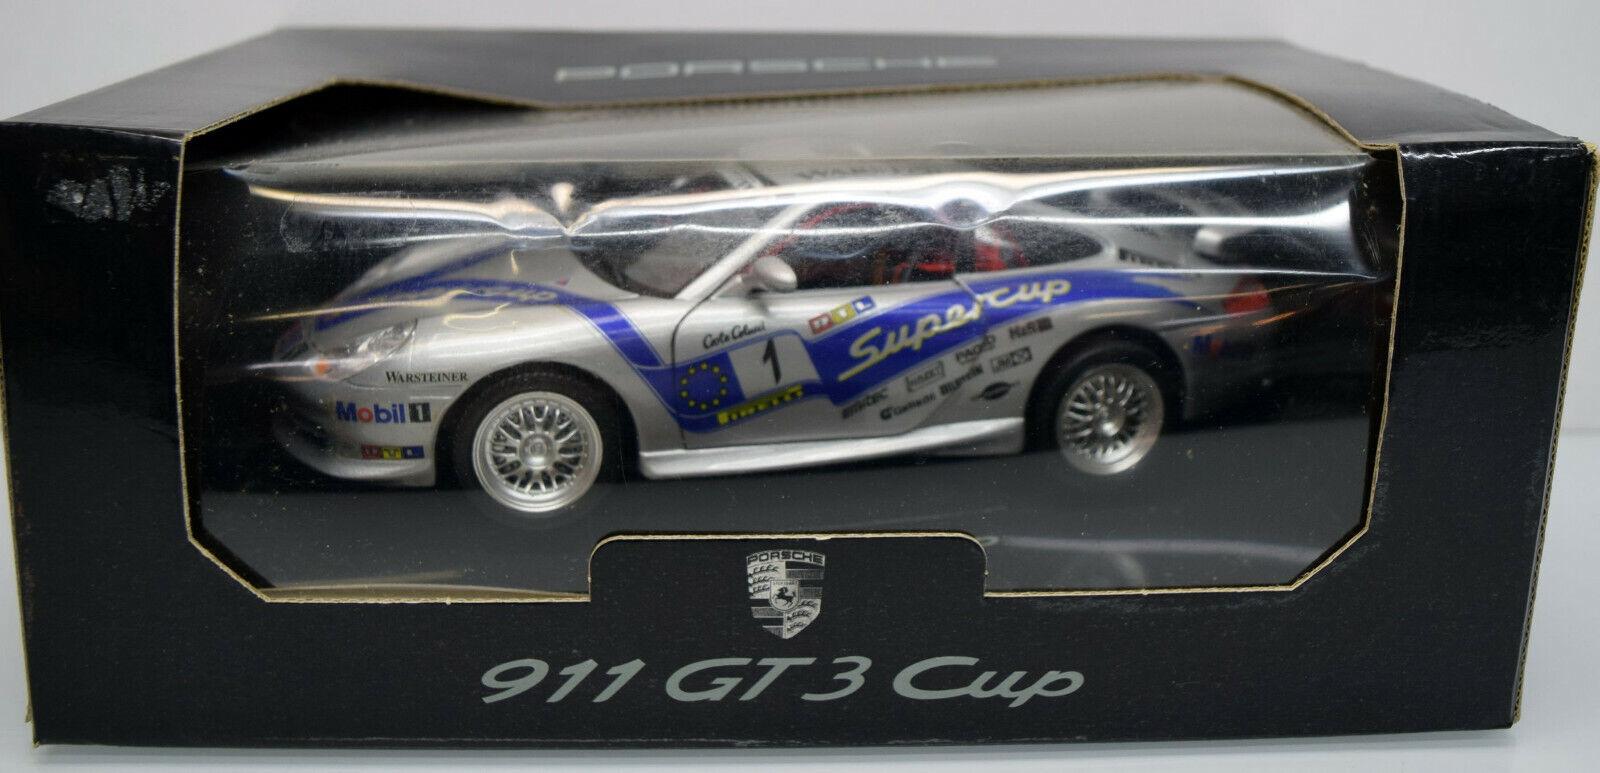 Bburago 1 18 02101399 Porsche 911 gt3 supercup, argent, numéro de départ 1 DIE CAST